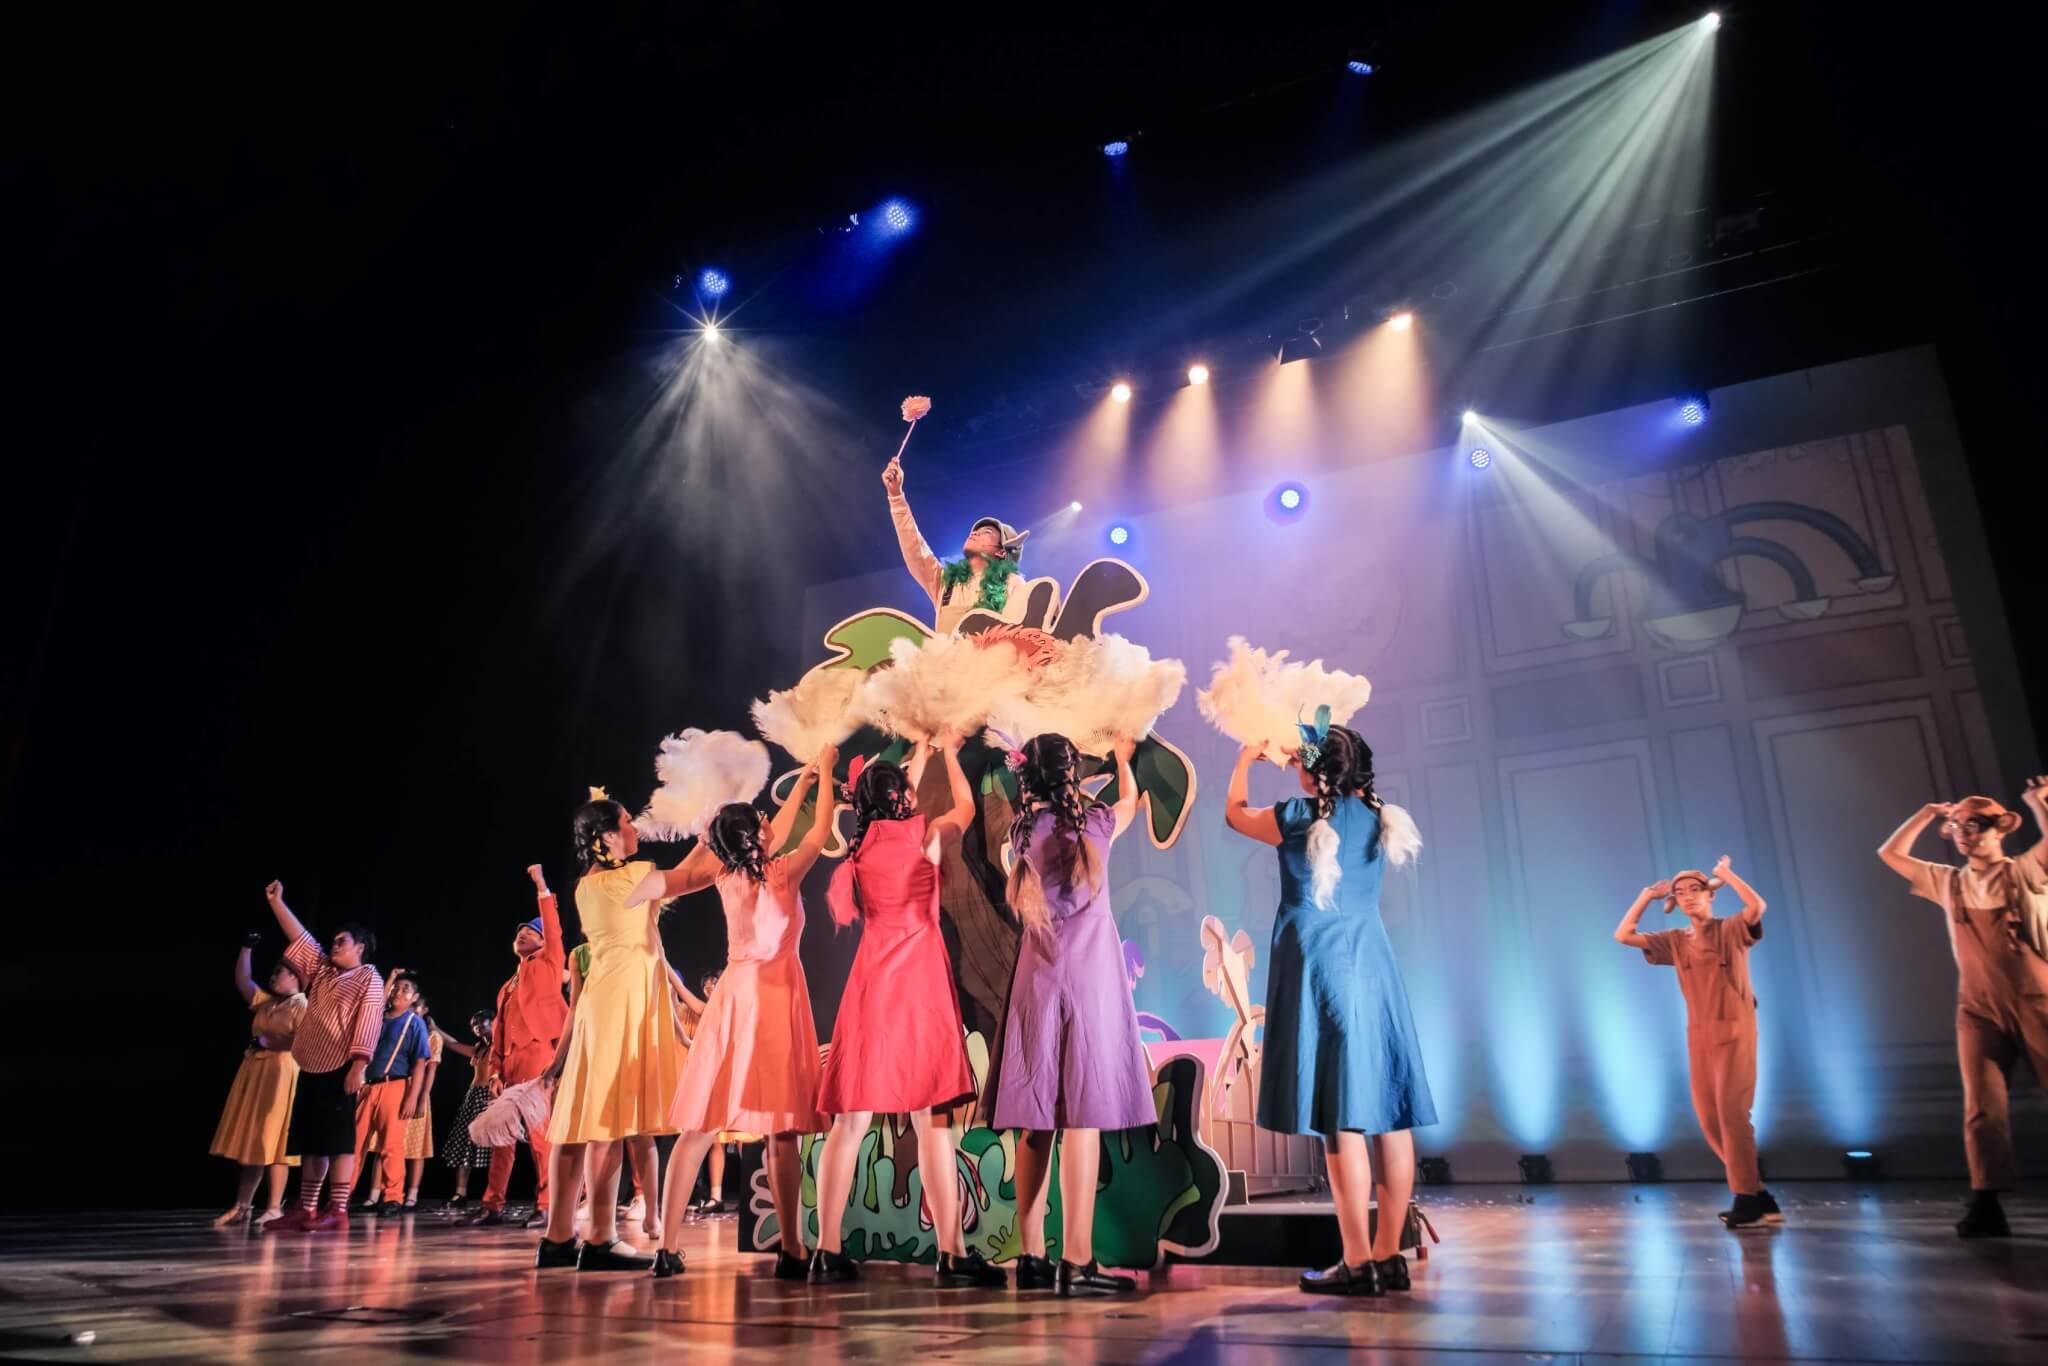 何冠儀喜歡教中學生演英文音樂劇,圖為今年香港中文大學校友會聯會陳震夏中學的《蘇斯狂想曲》音樂劇演出。